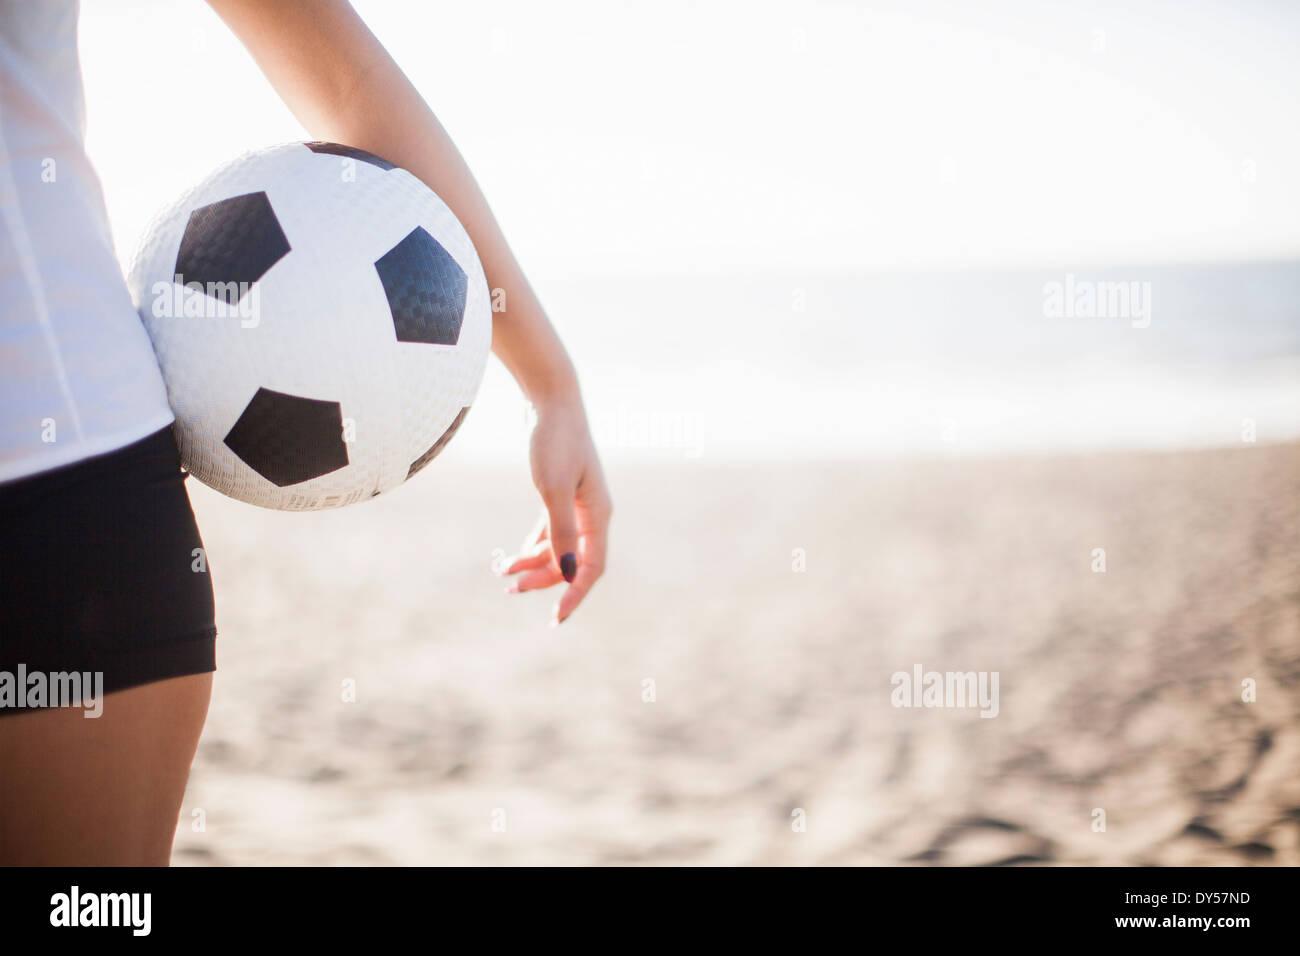 Junge Frau Holding Fußball Stockbild